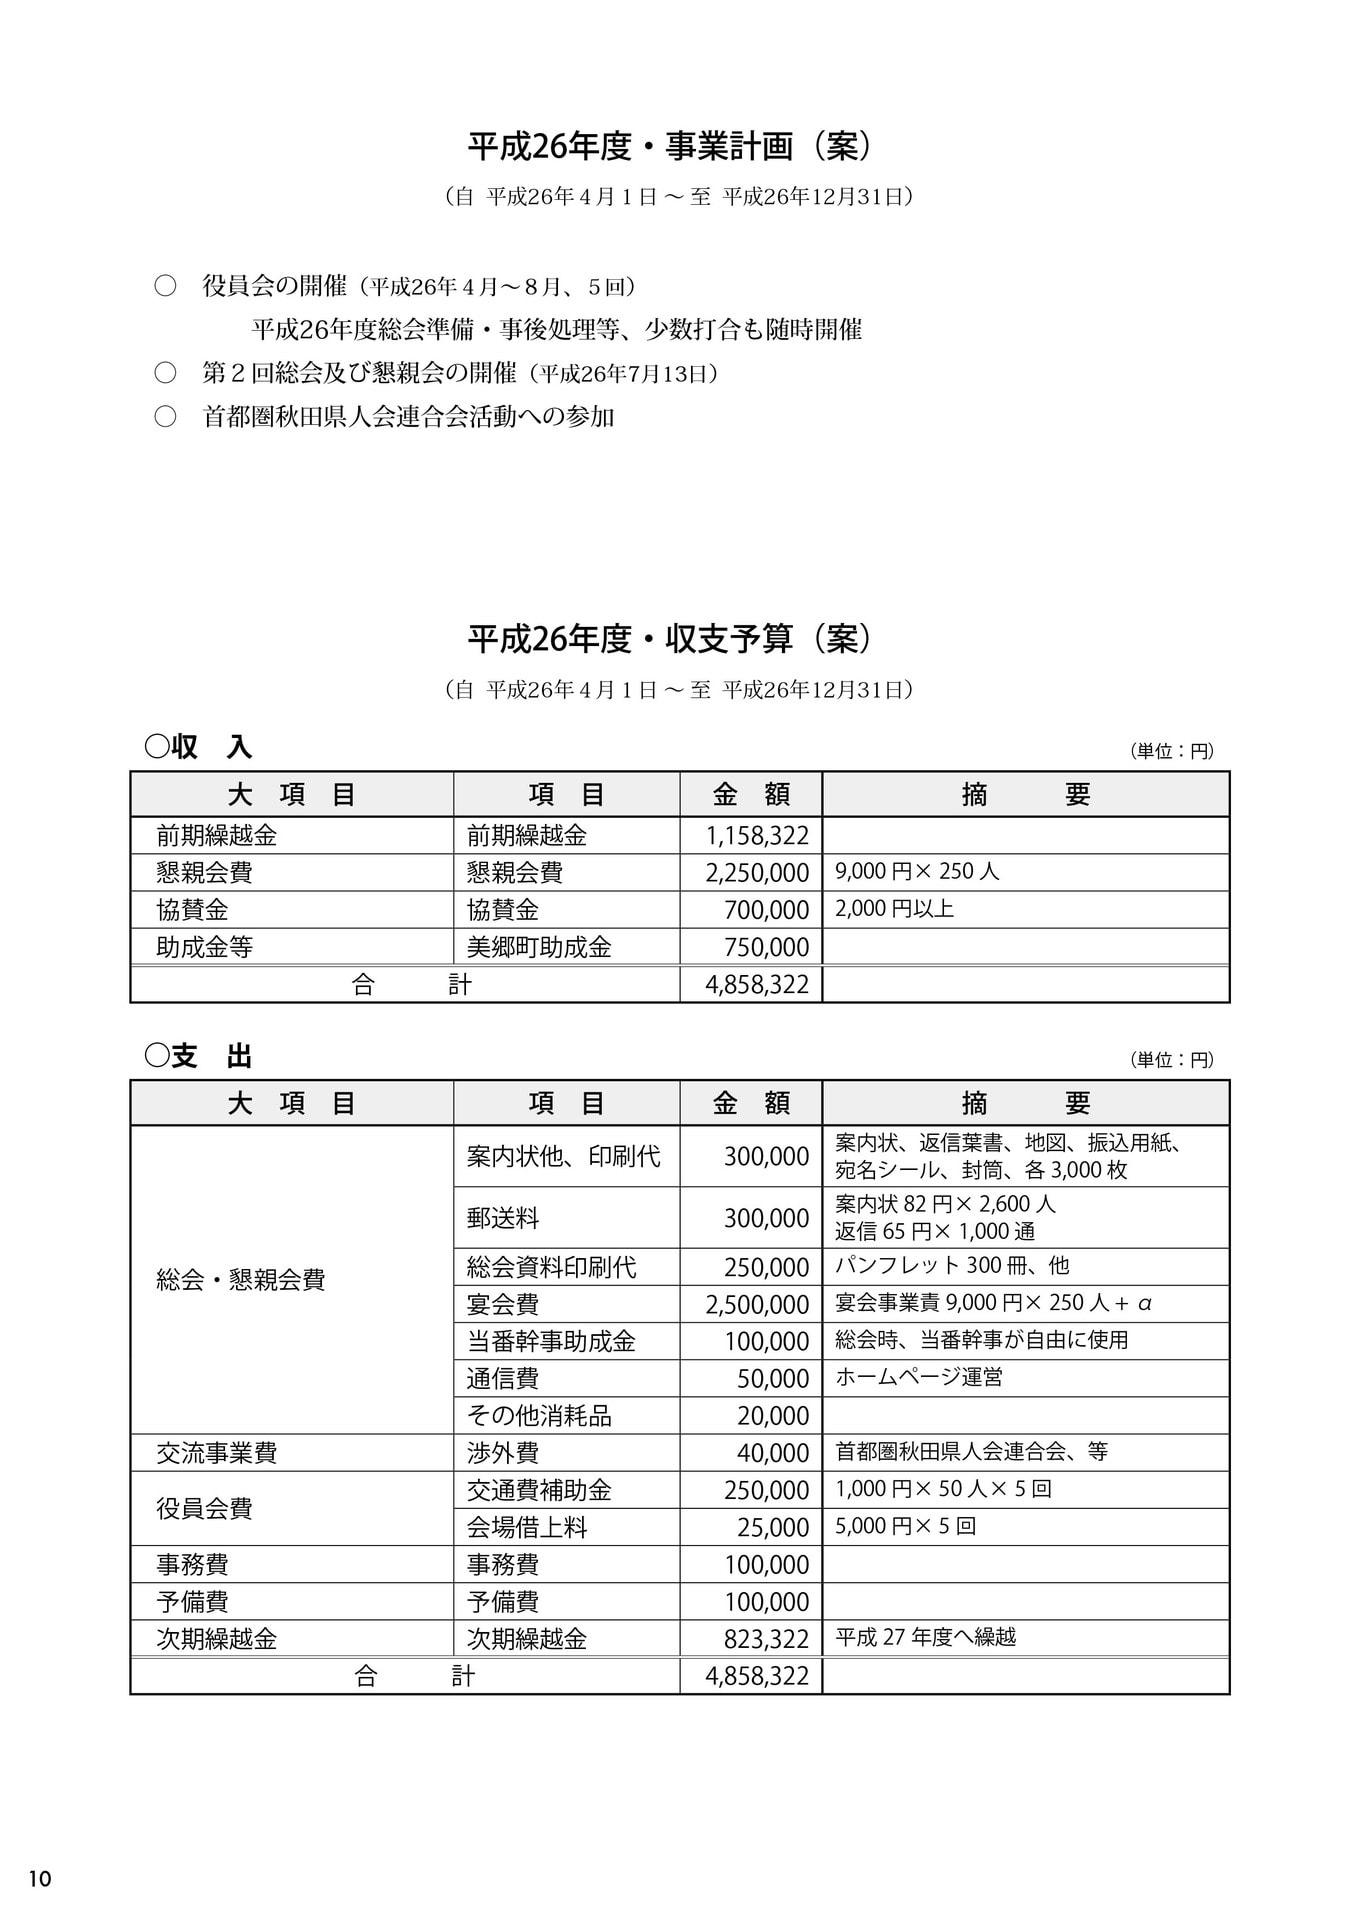 第2回秋田・美郷町ふるさと会パンフレット(事業計画(案)、収支予算(案))